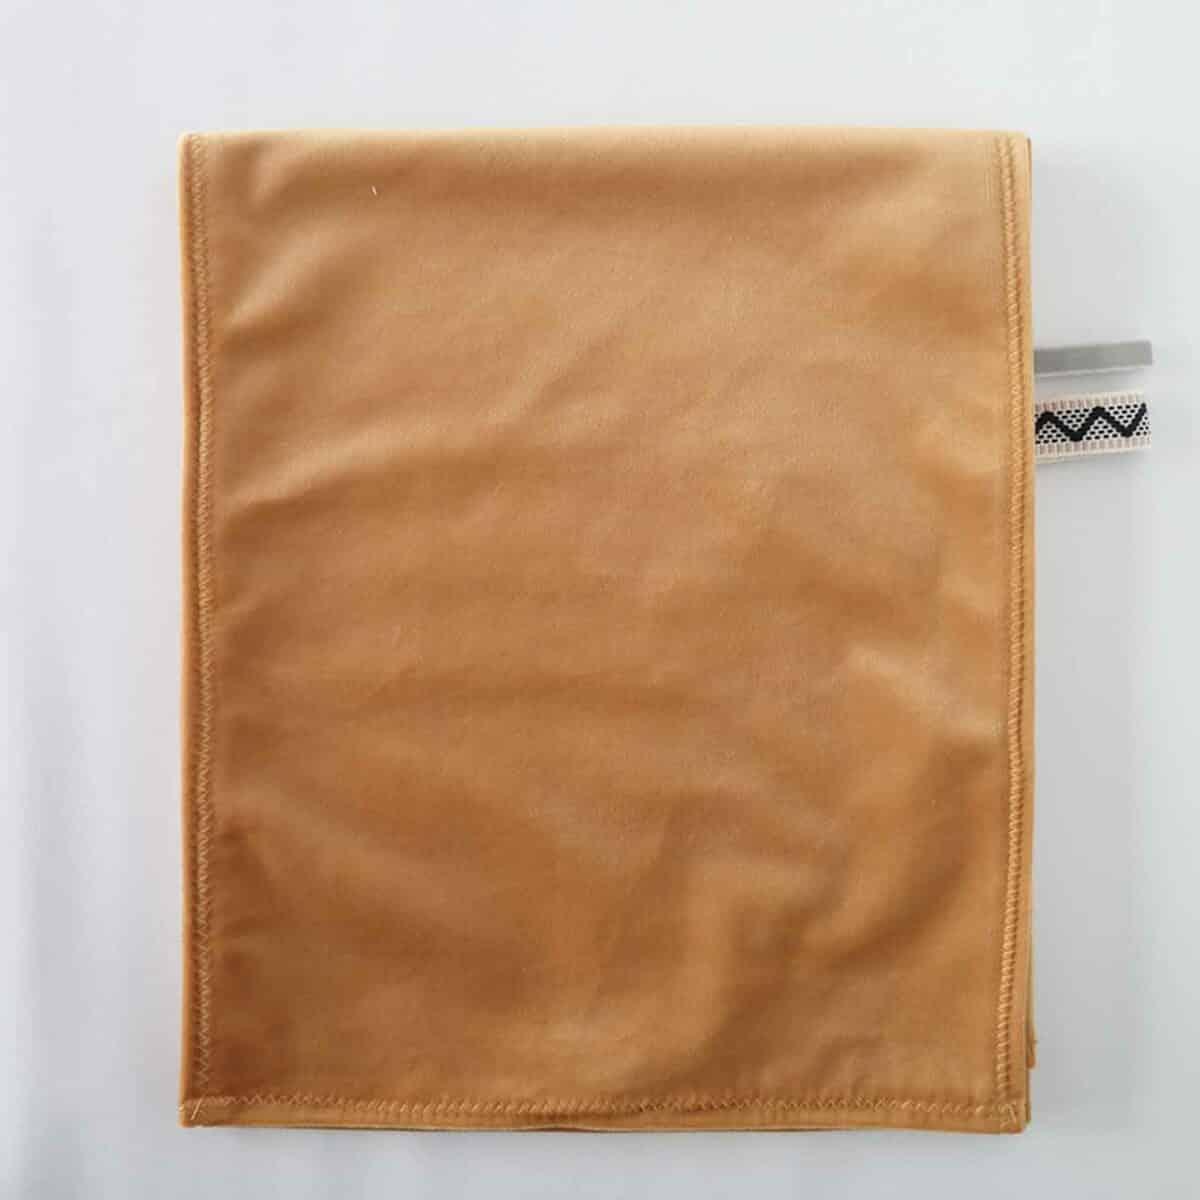 Middenband velvet oker voor omkleedkussen